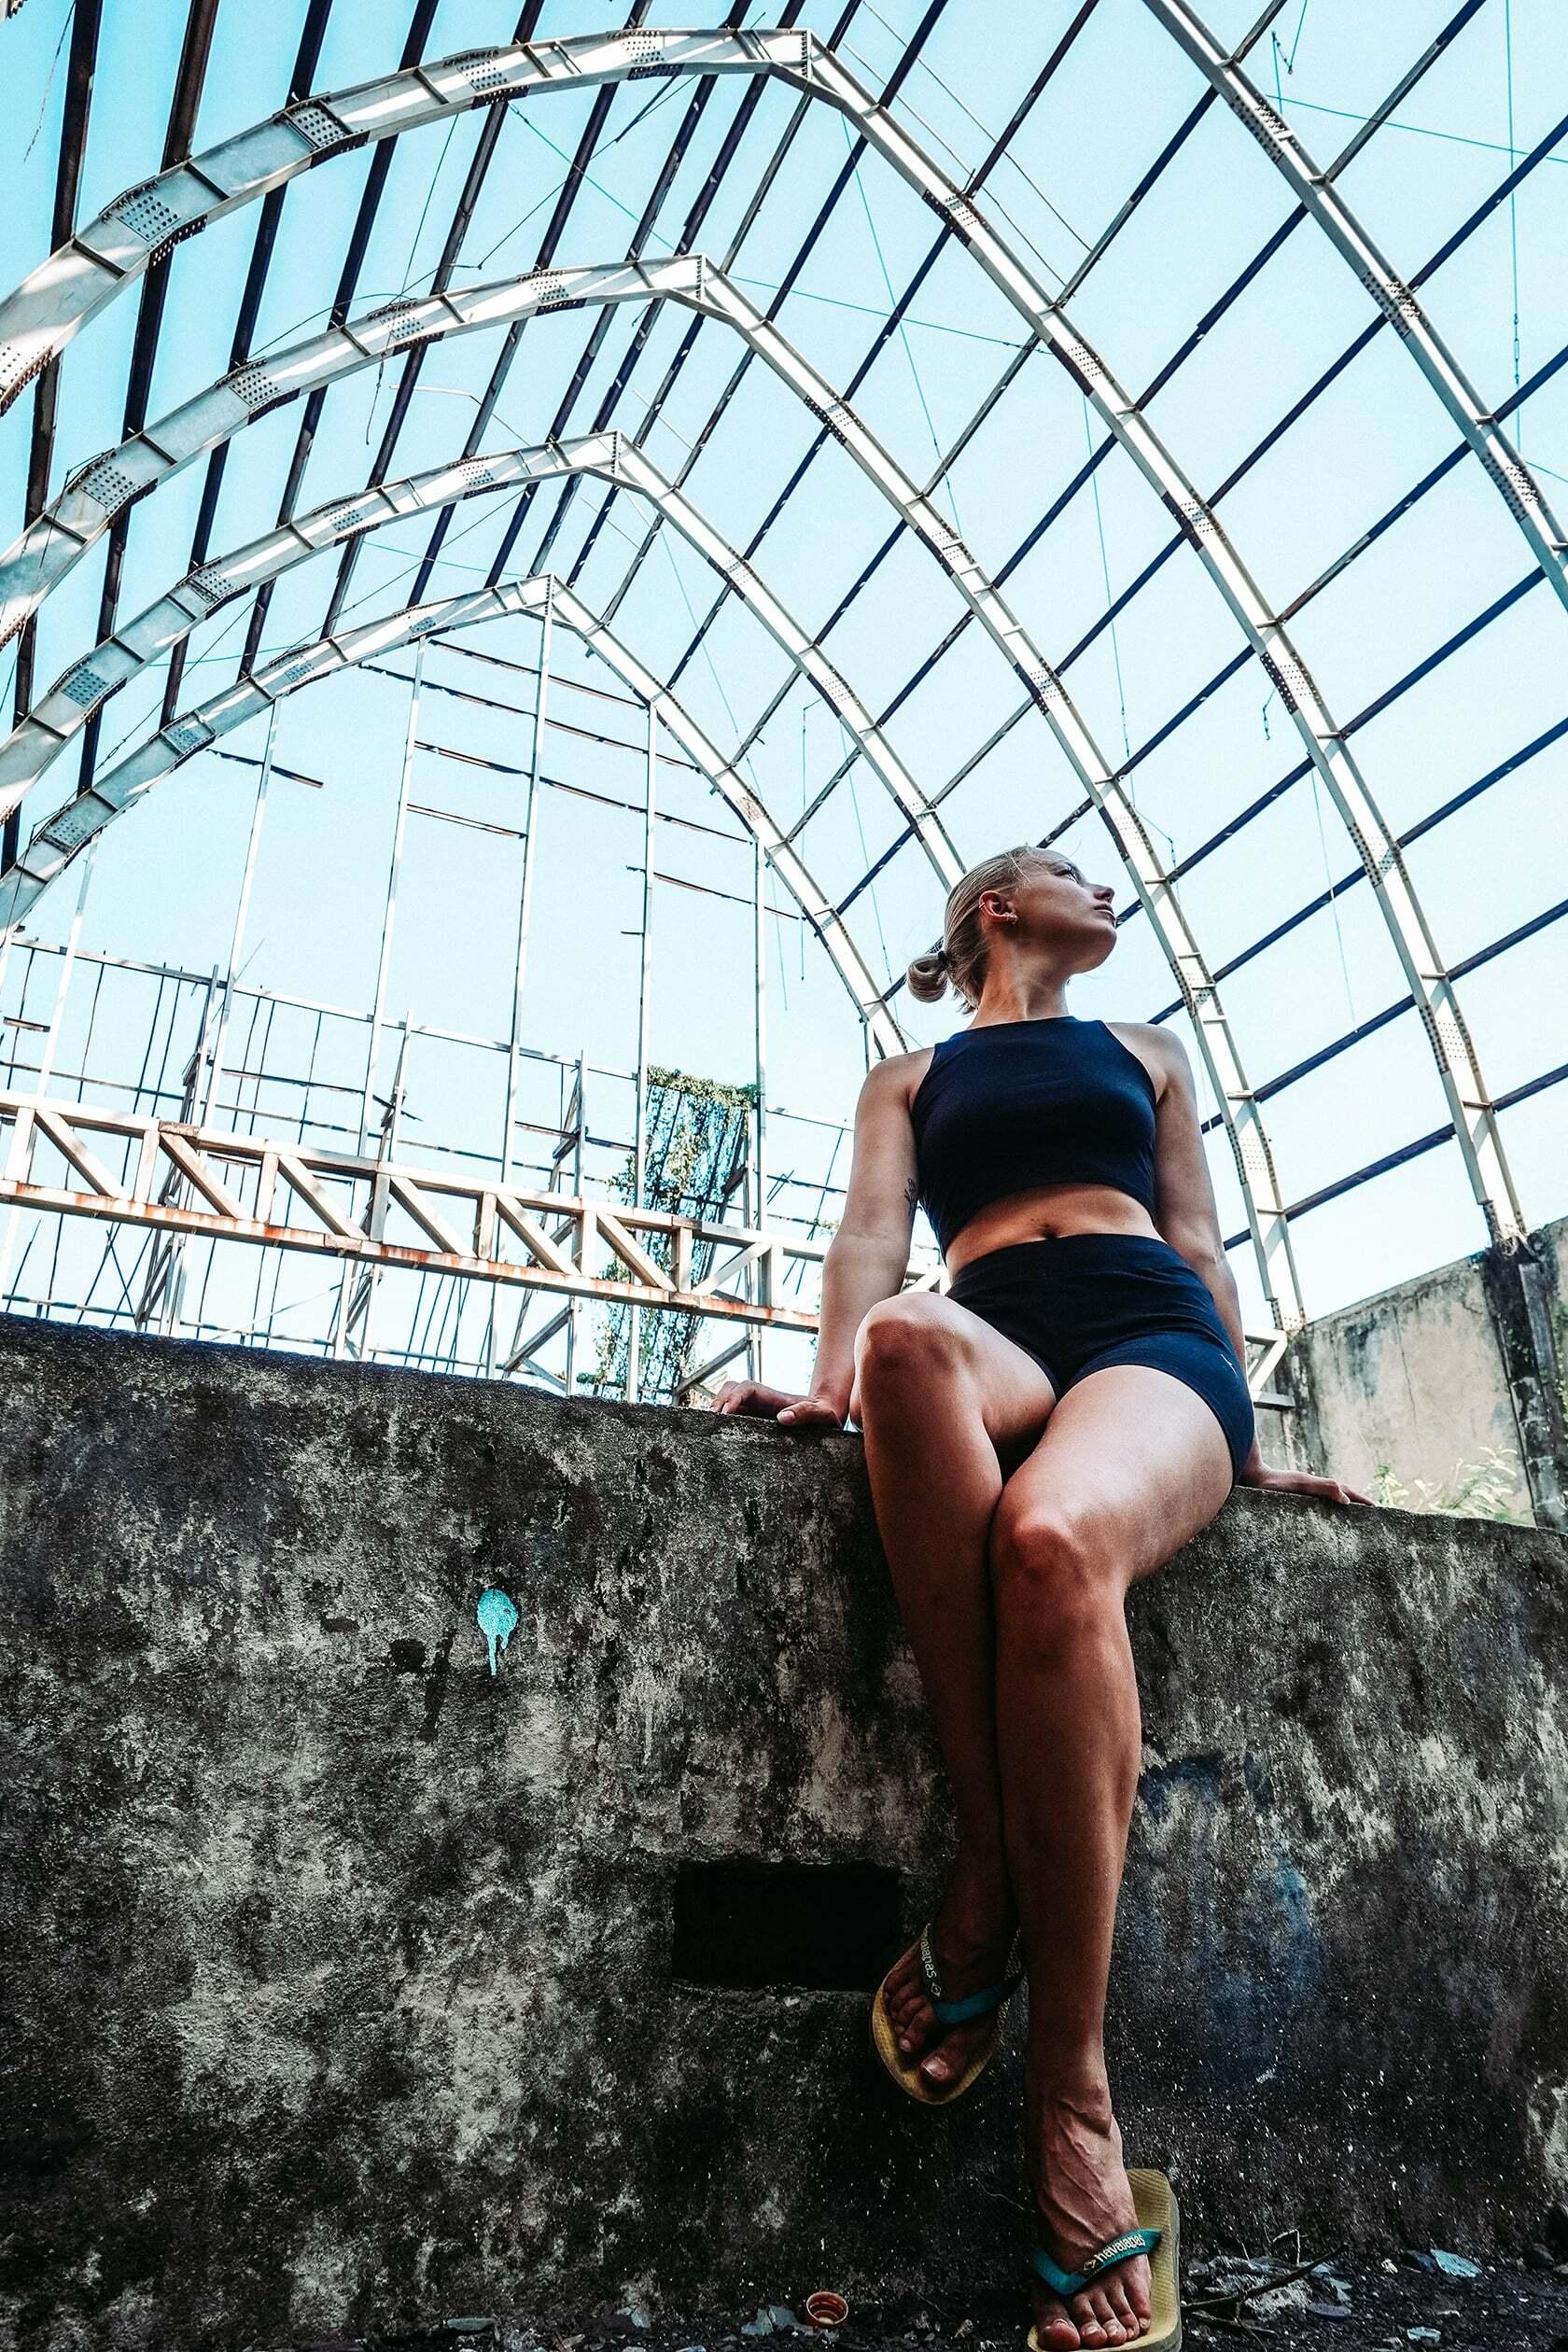 Foto van persoon zittend op een muurtje uit fotografie collectie mensen van Simon Wijers